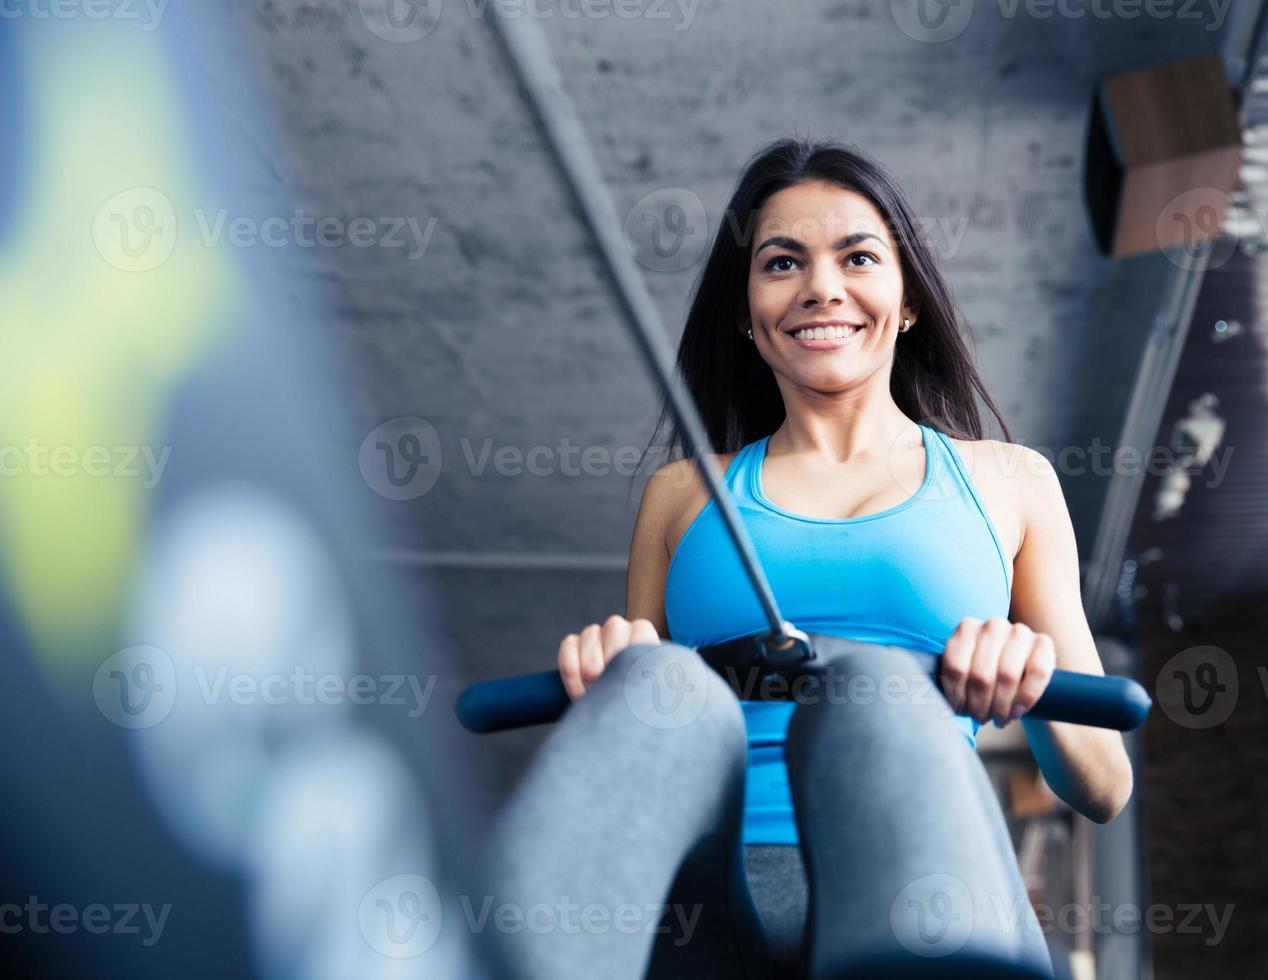 donna affascinante felice allenandovi in palestra foto